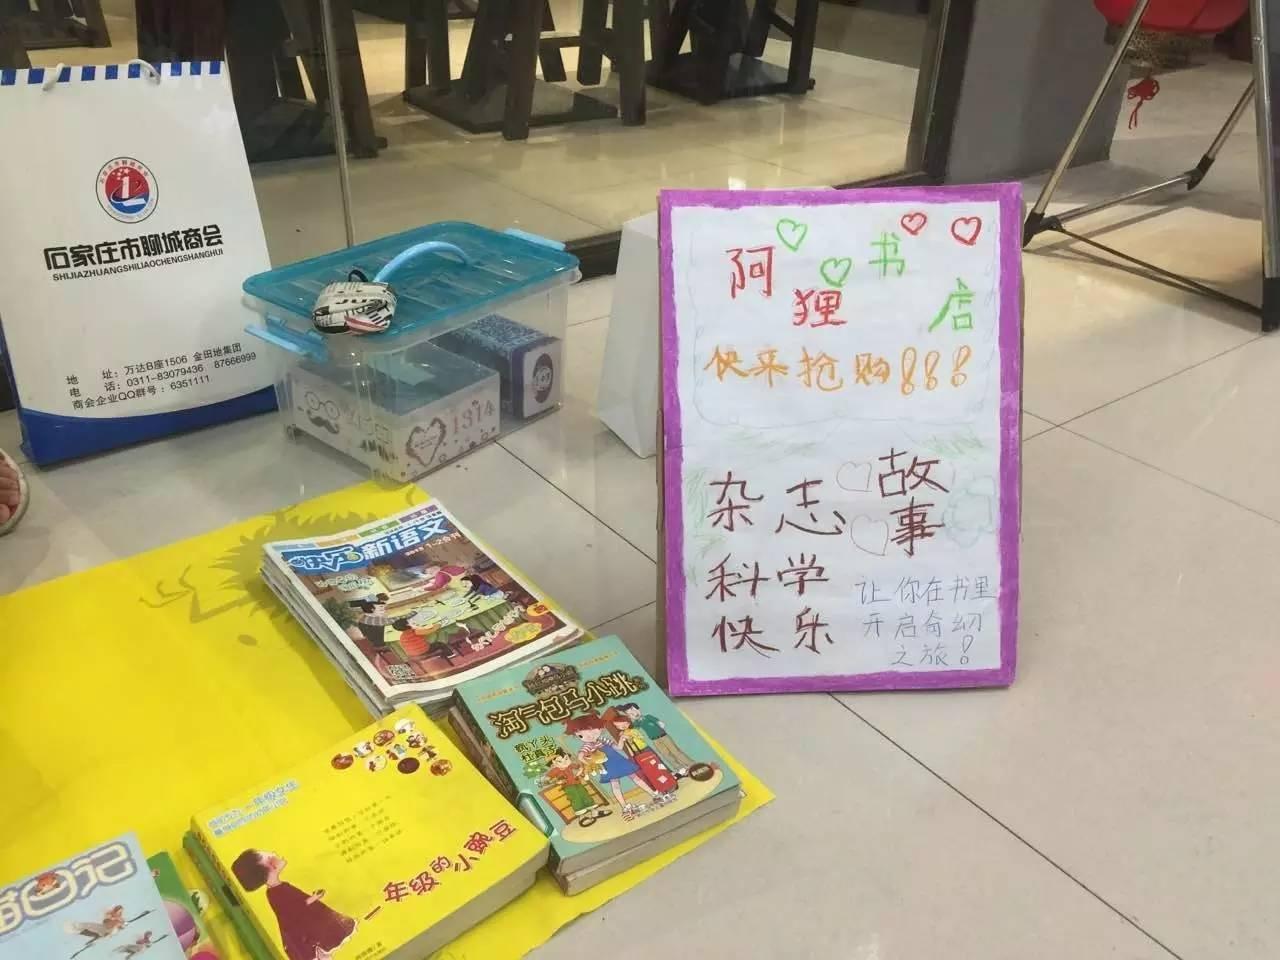 崔晨熙的手绘海报,   成就儒商风范,   读书卖书   以书会友